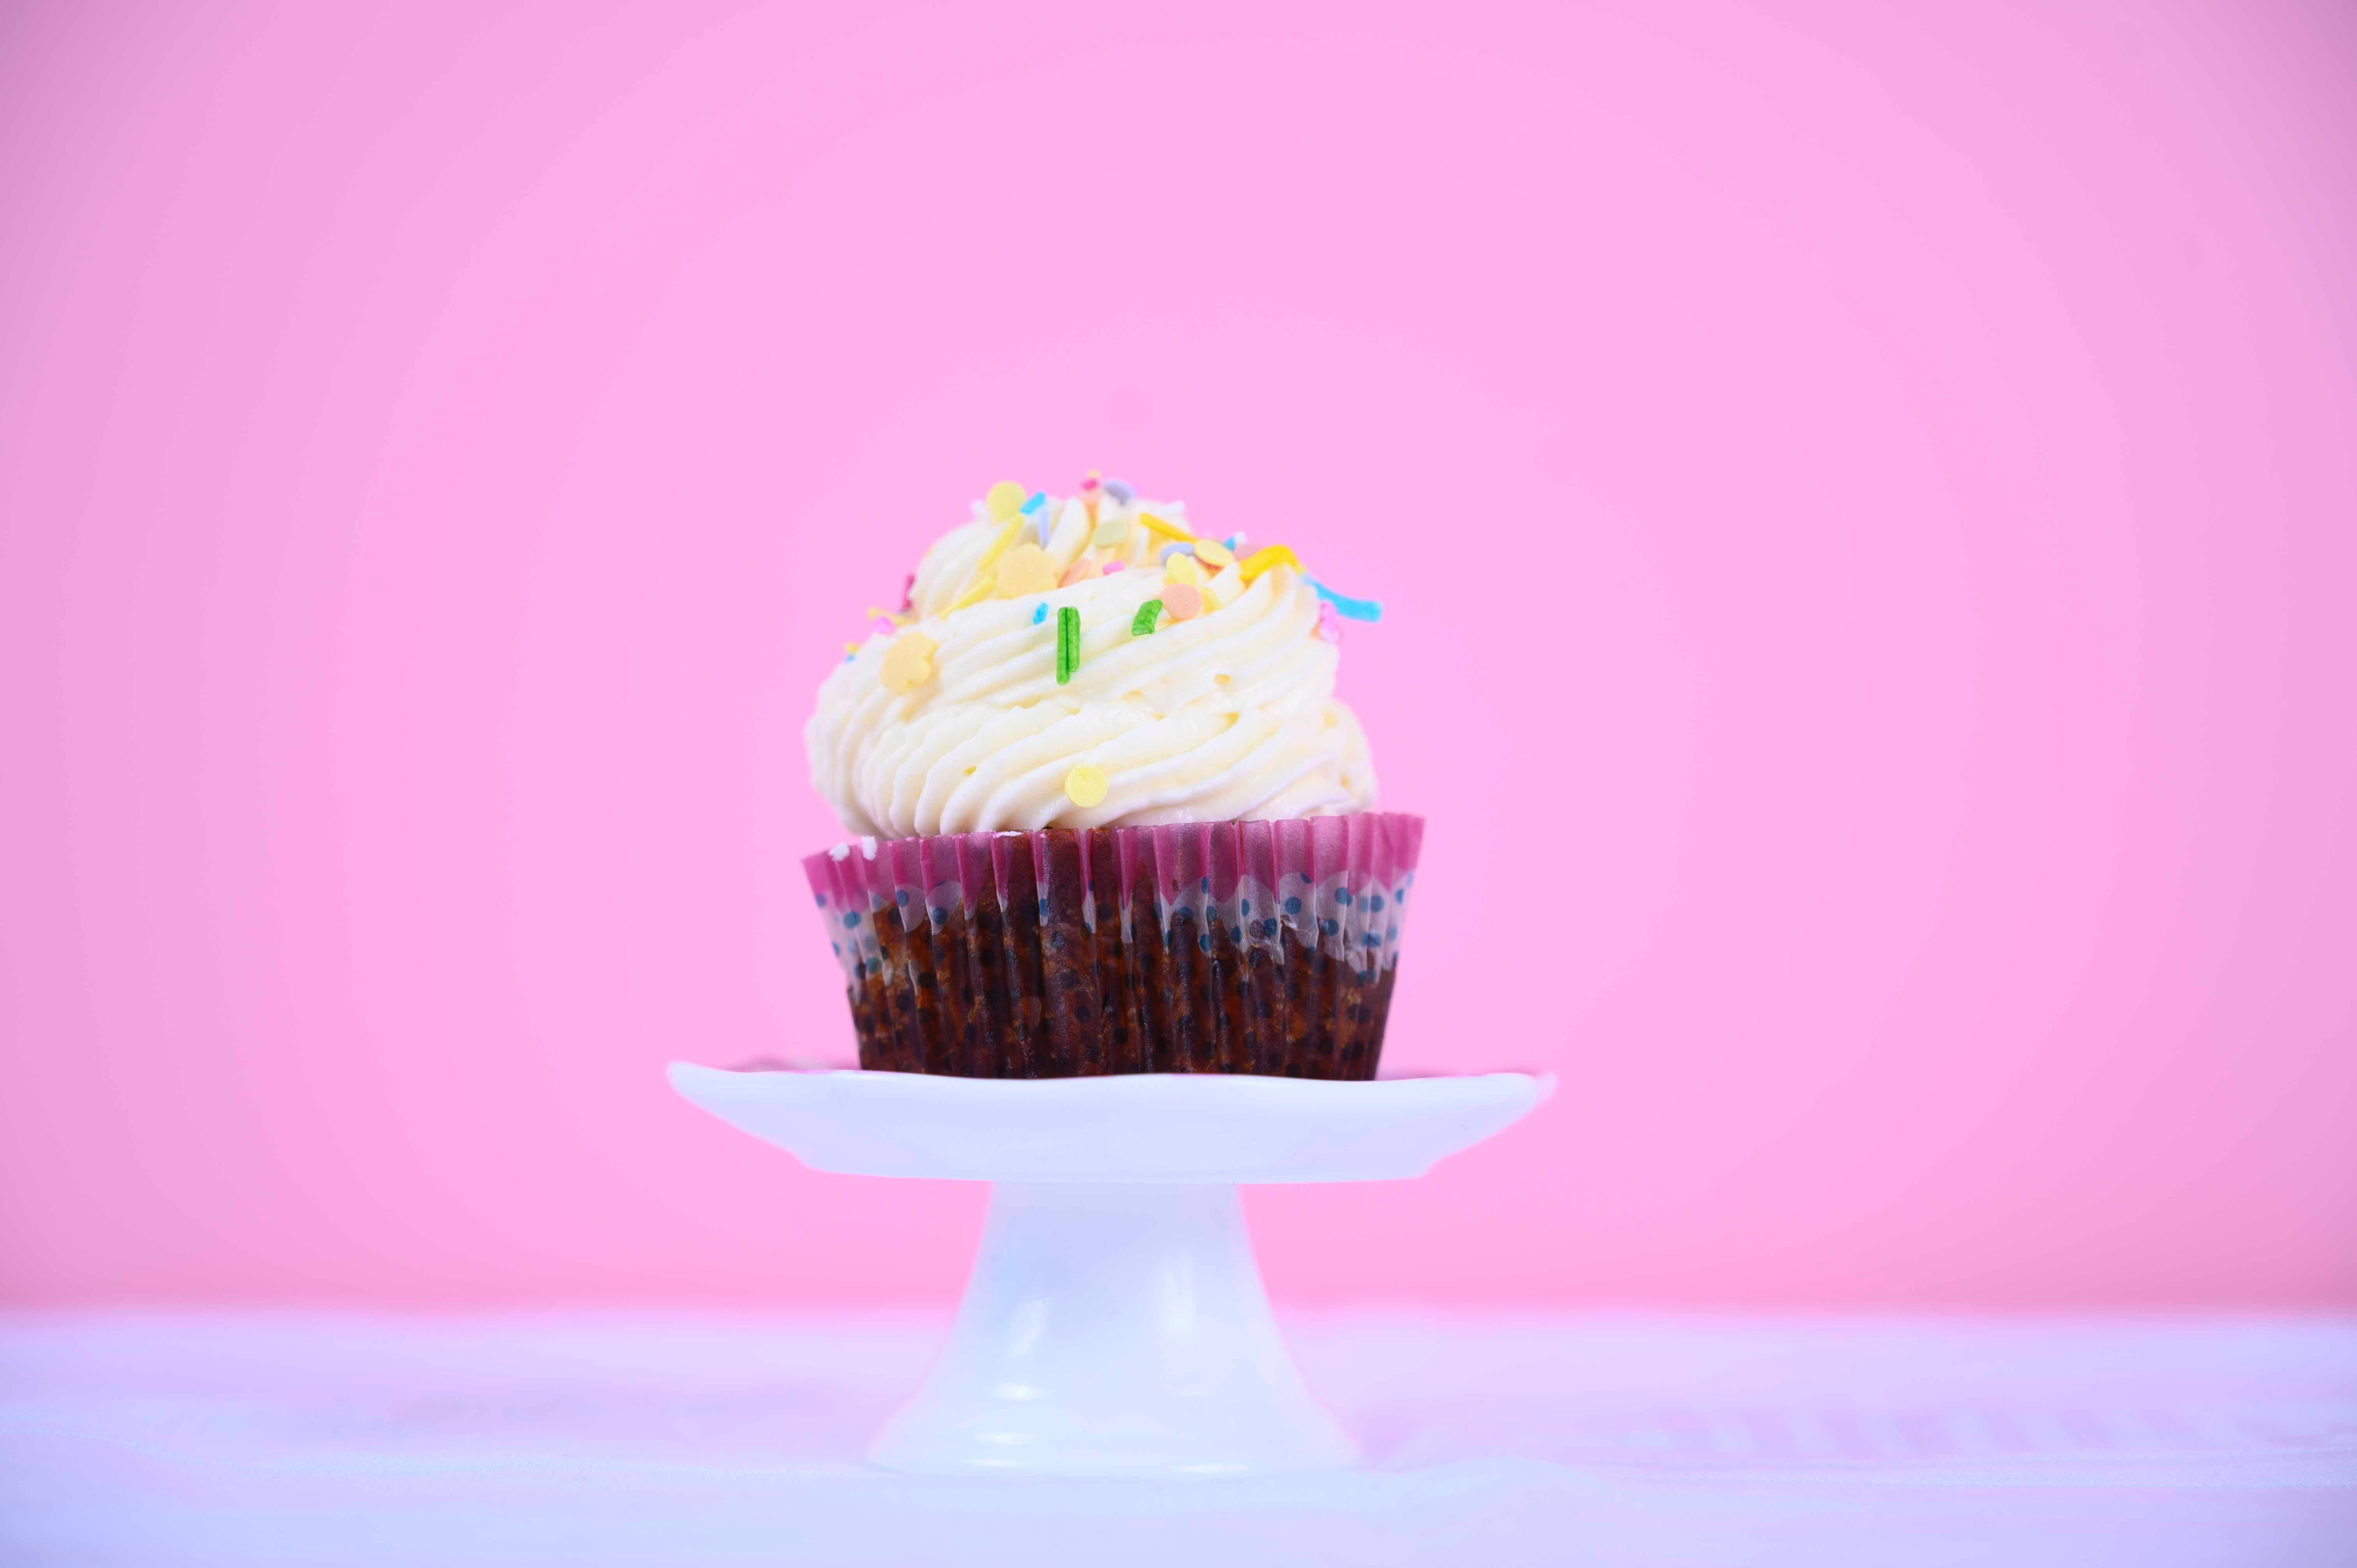 cupcakes livraison